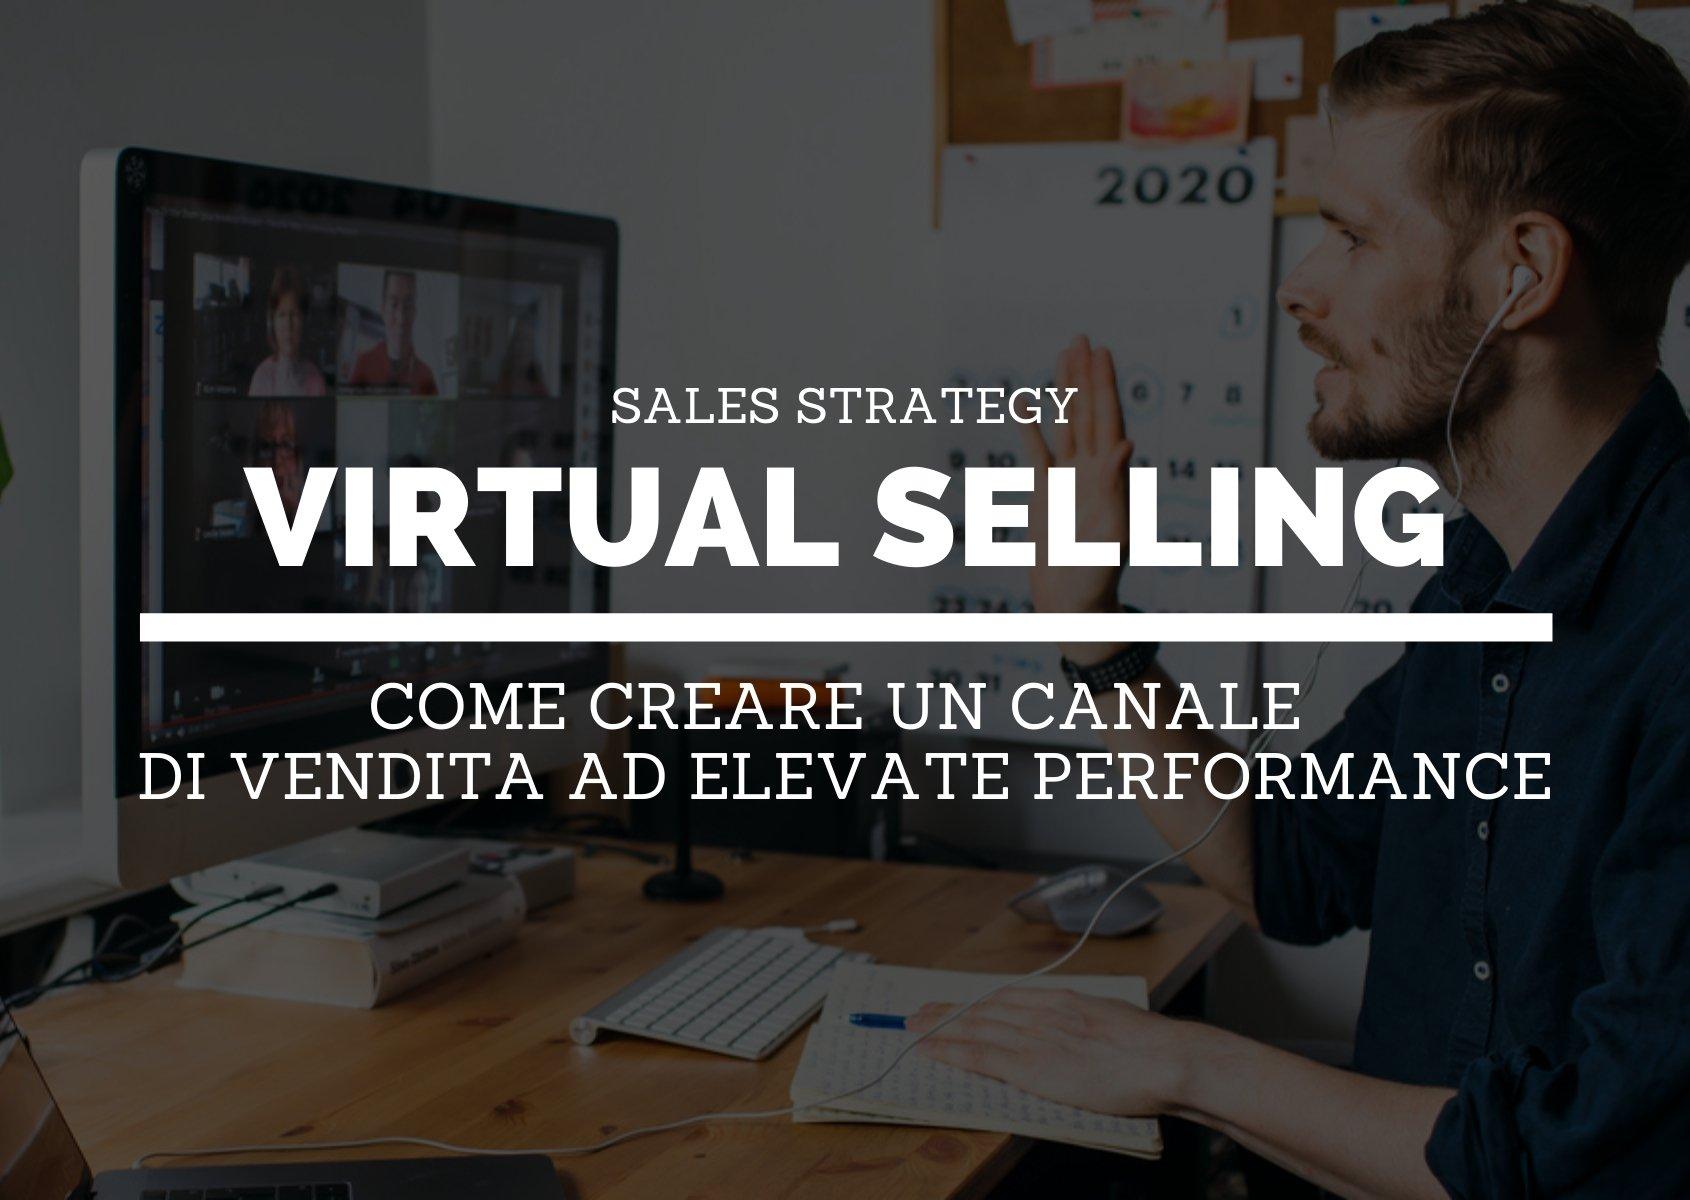 Cover: Virtual selling: come creare un canale di vendita ad elevate performance.